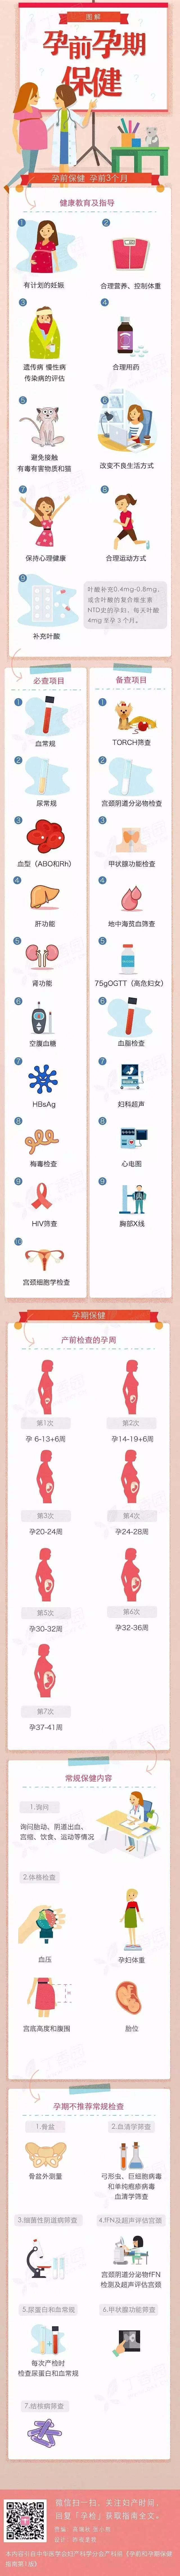 一图读懂   孕前孕期保健